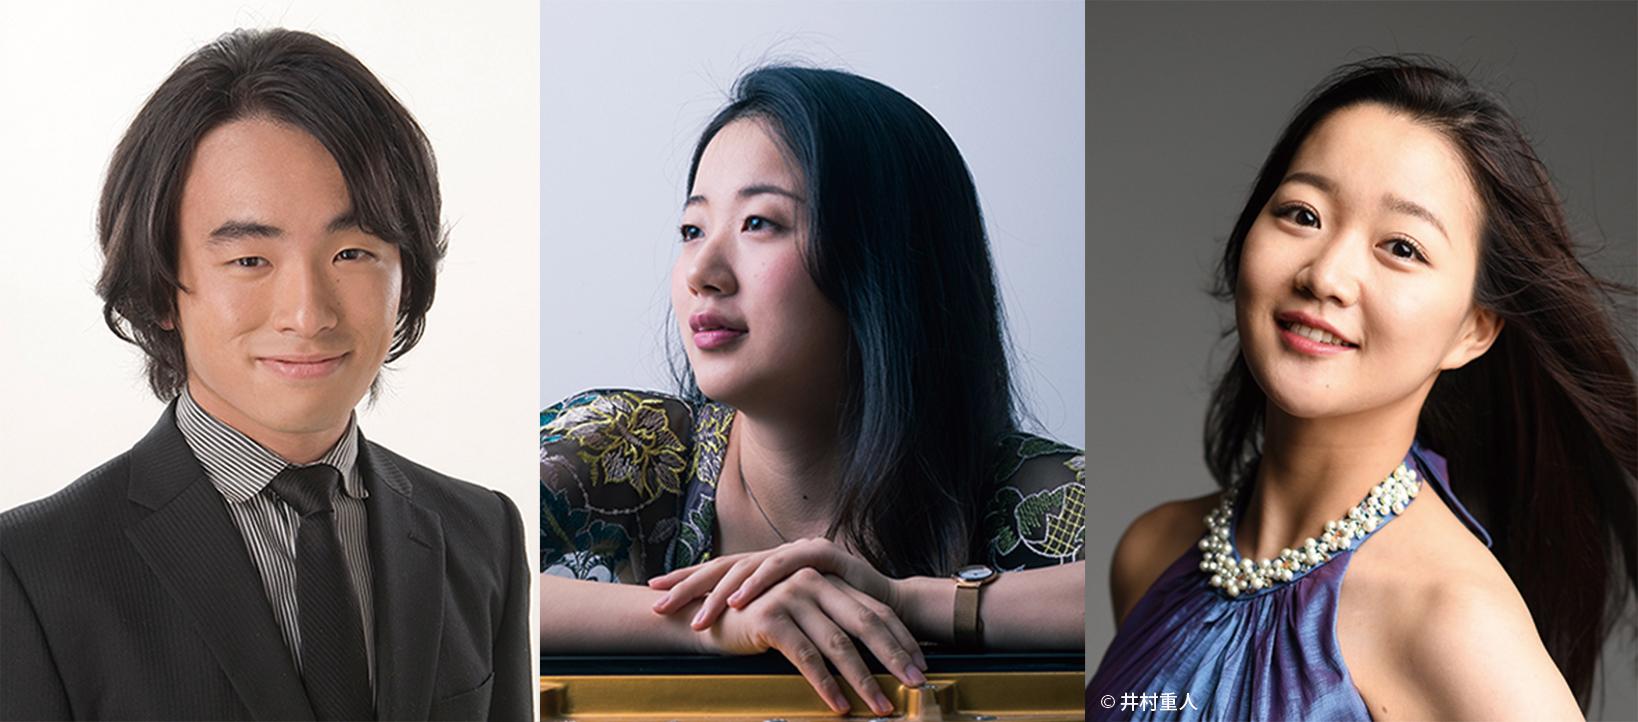 【開催延期】第4回日本ショパンピアノコンクール2019 入賞者によるショパンのコンチェルト!!(弦楽六重奏版)